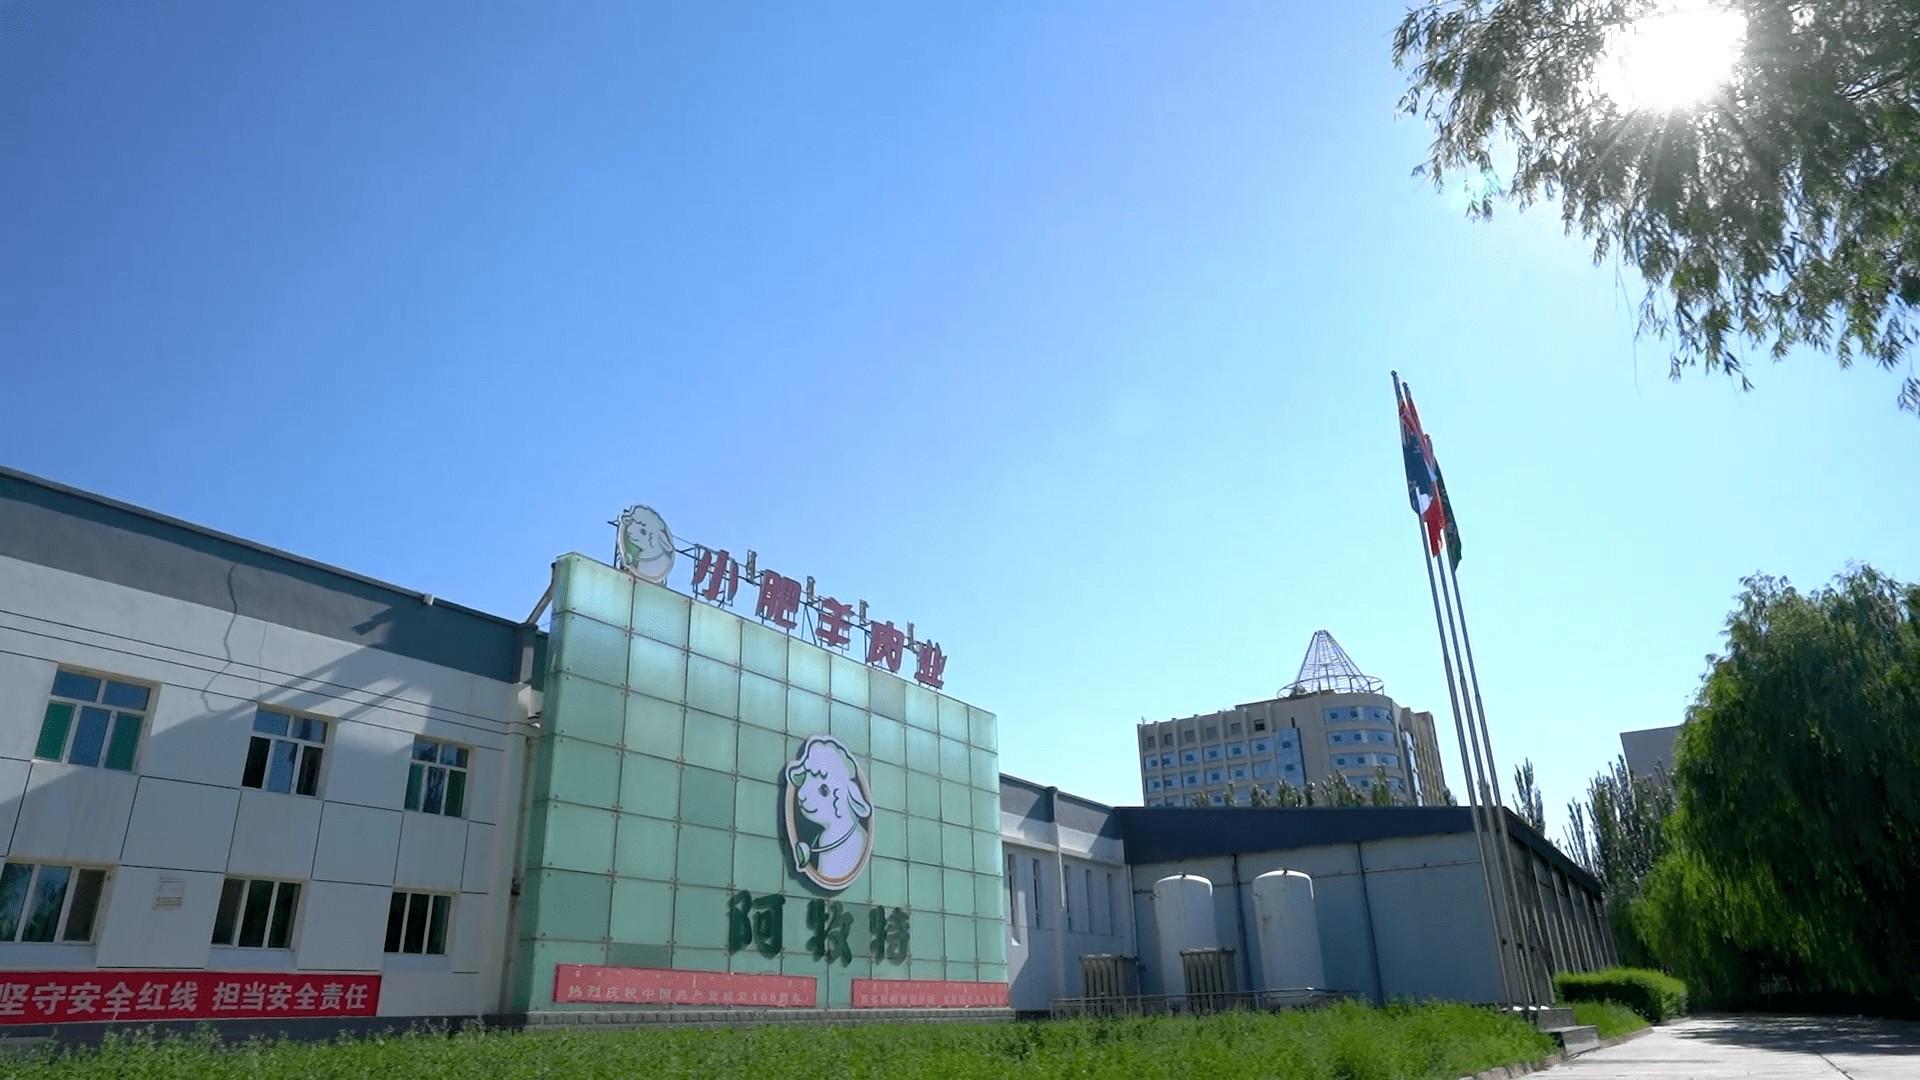 新产品、新品类的研发成为增长引擎,阿牧特为国人打造高品质的冷鲜羊肉